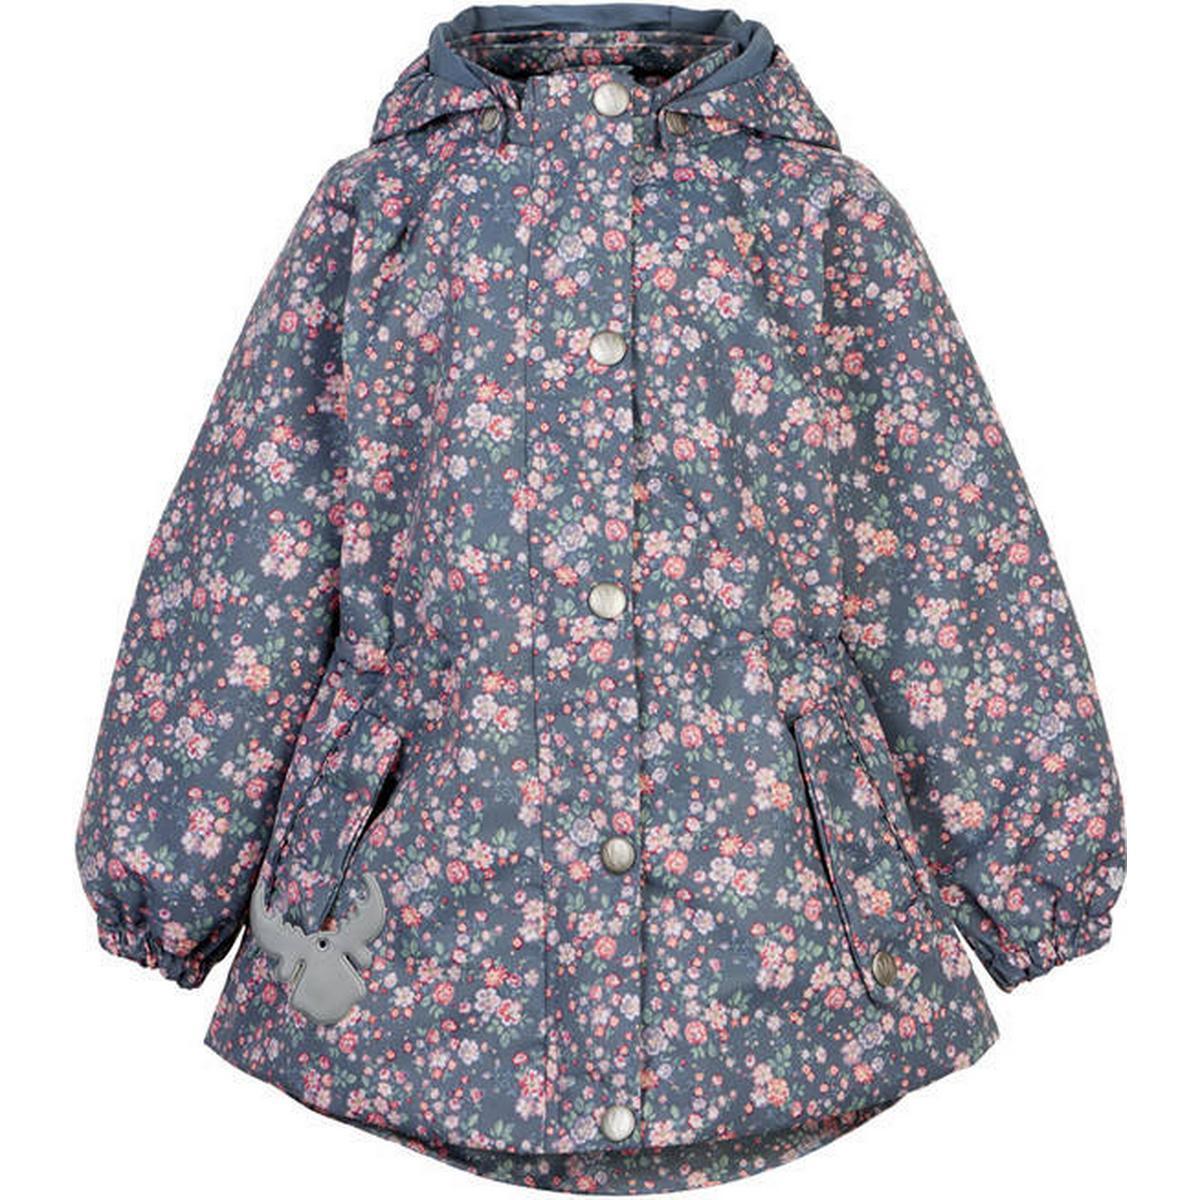 Wheat jakke Børnetøj • Find den billigste pris hos